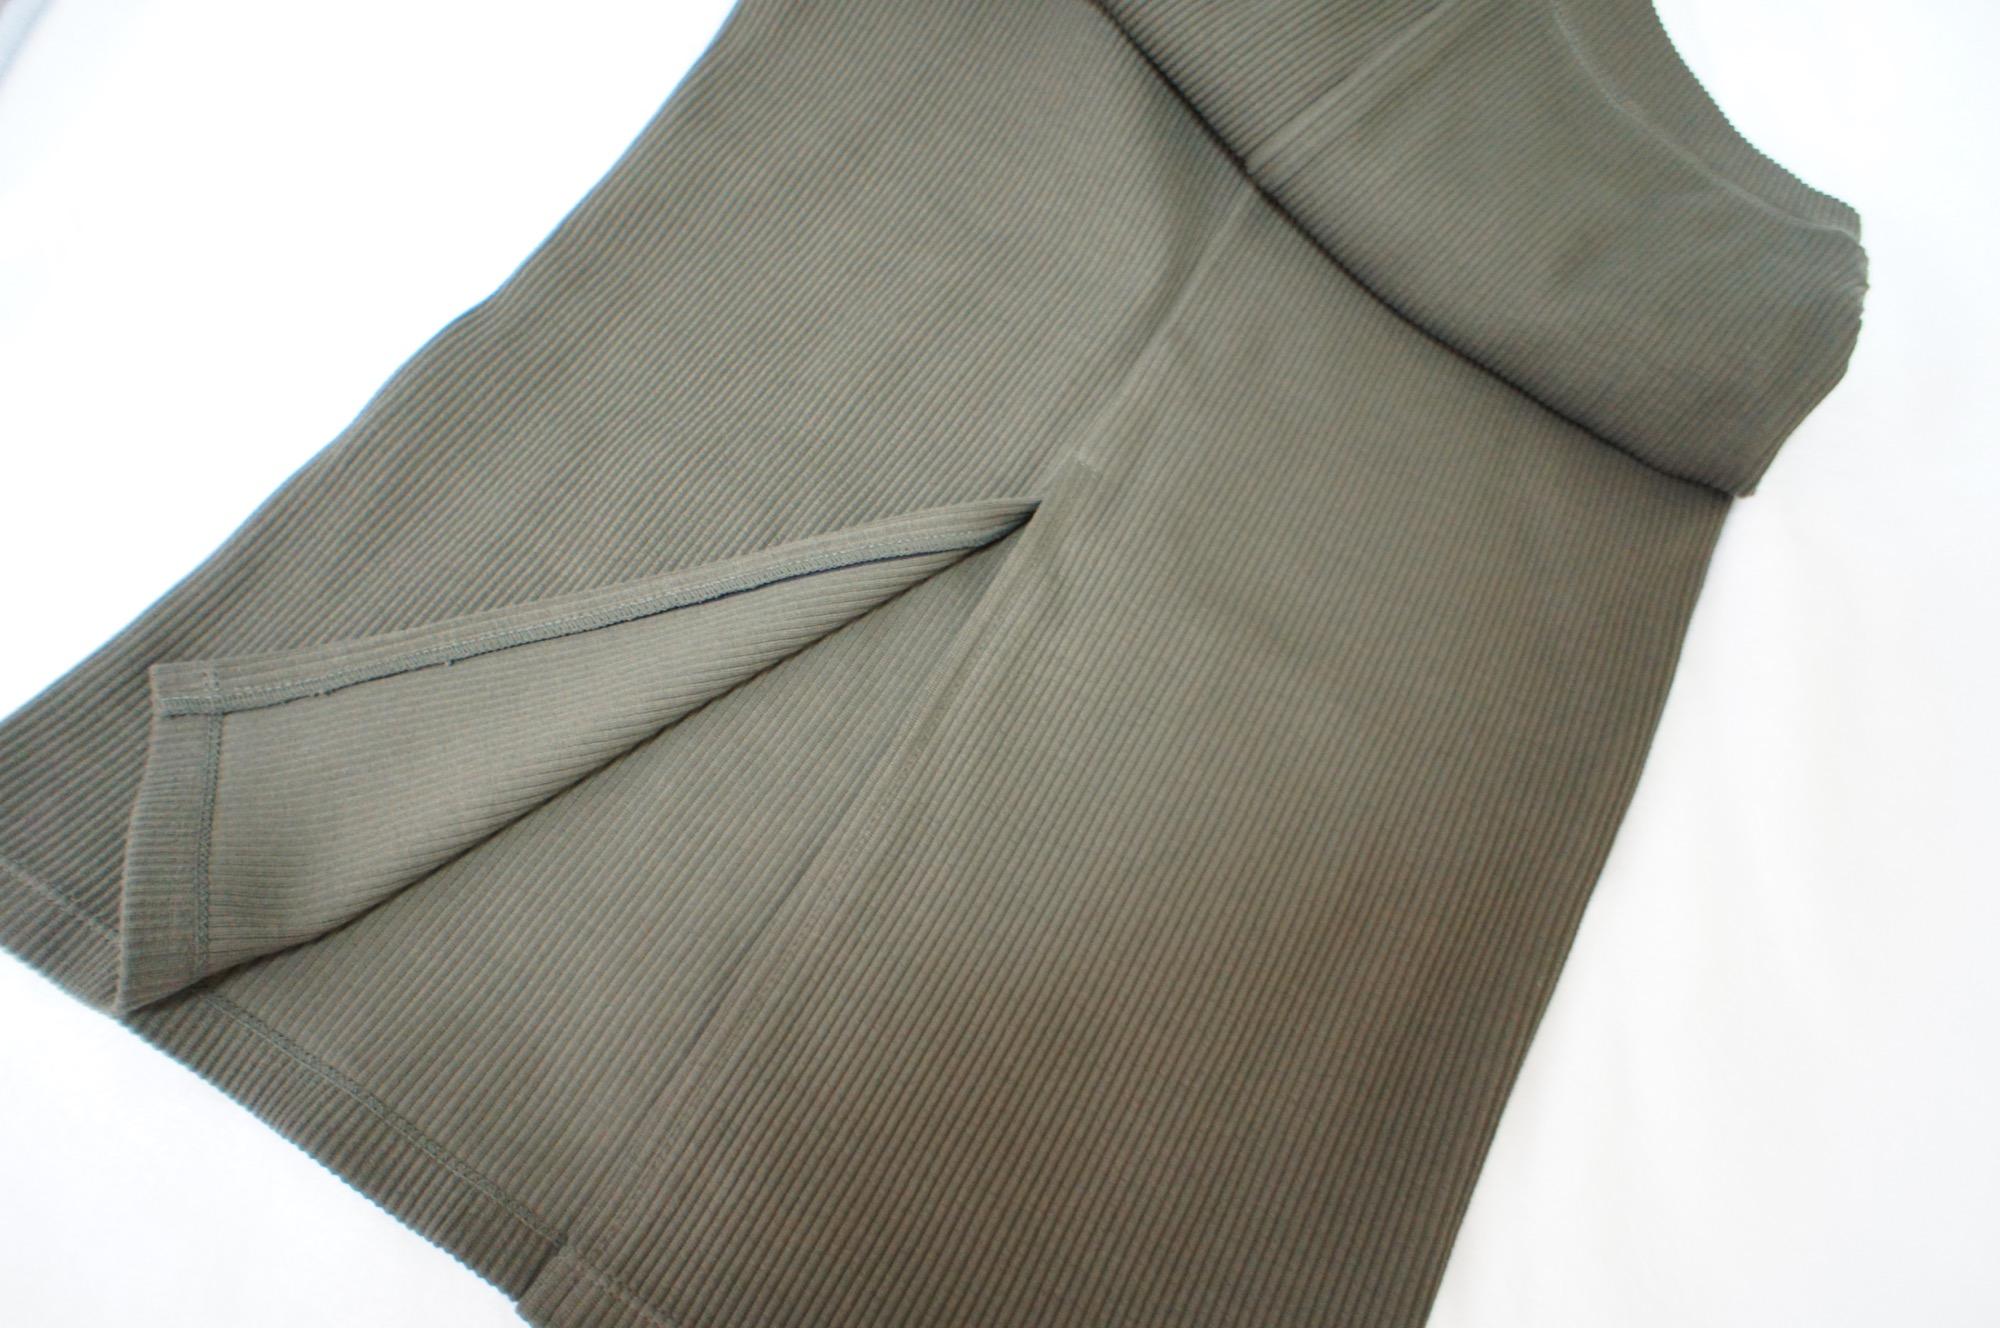 《#170cmトールガール》のプチプラコーデ❤️トレンド感たっぷり!【UNIQLO】リブタイトロングスカートが使える☻_2